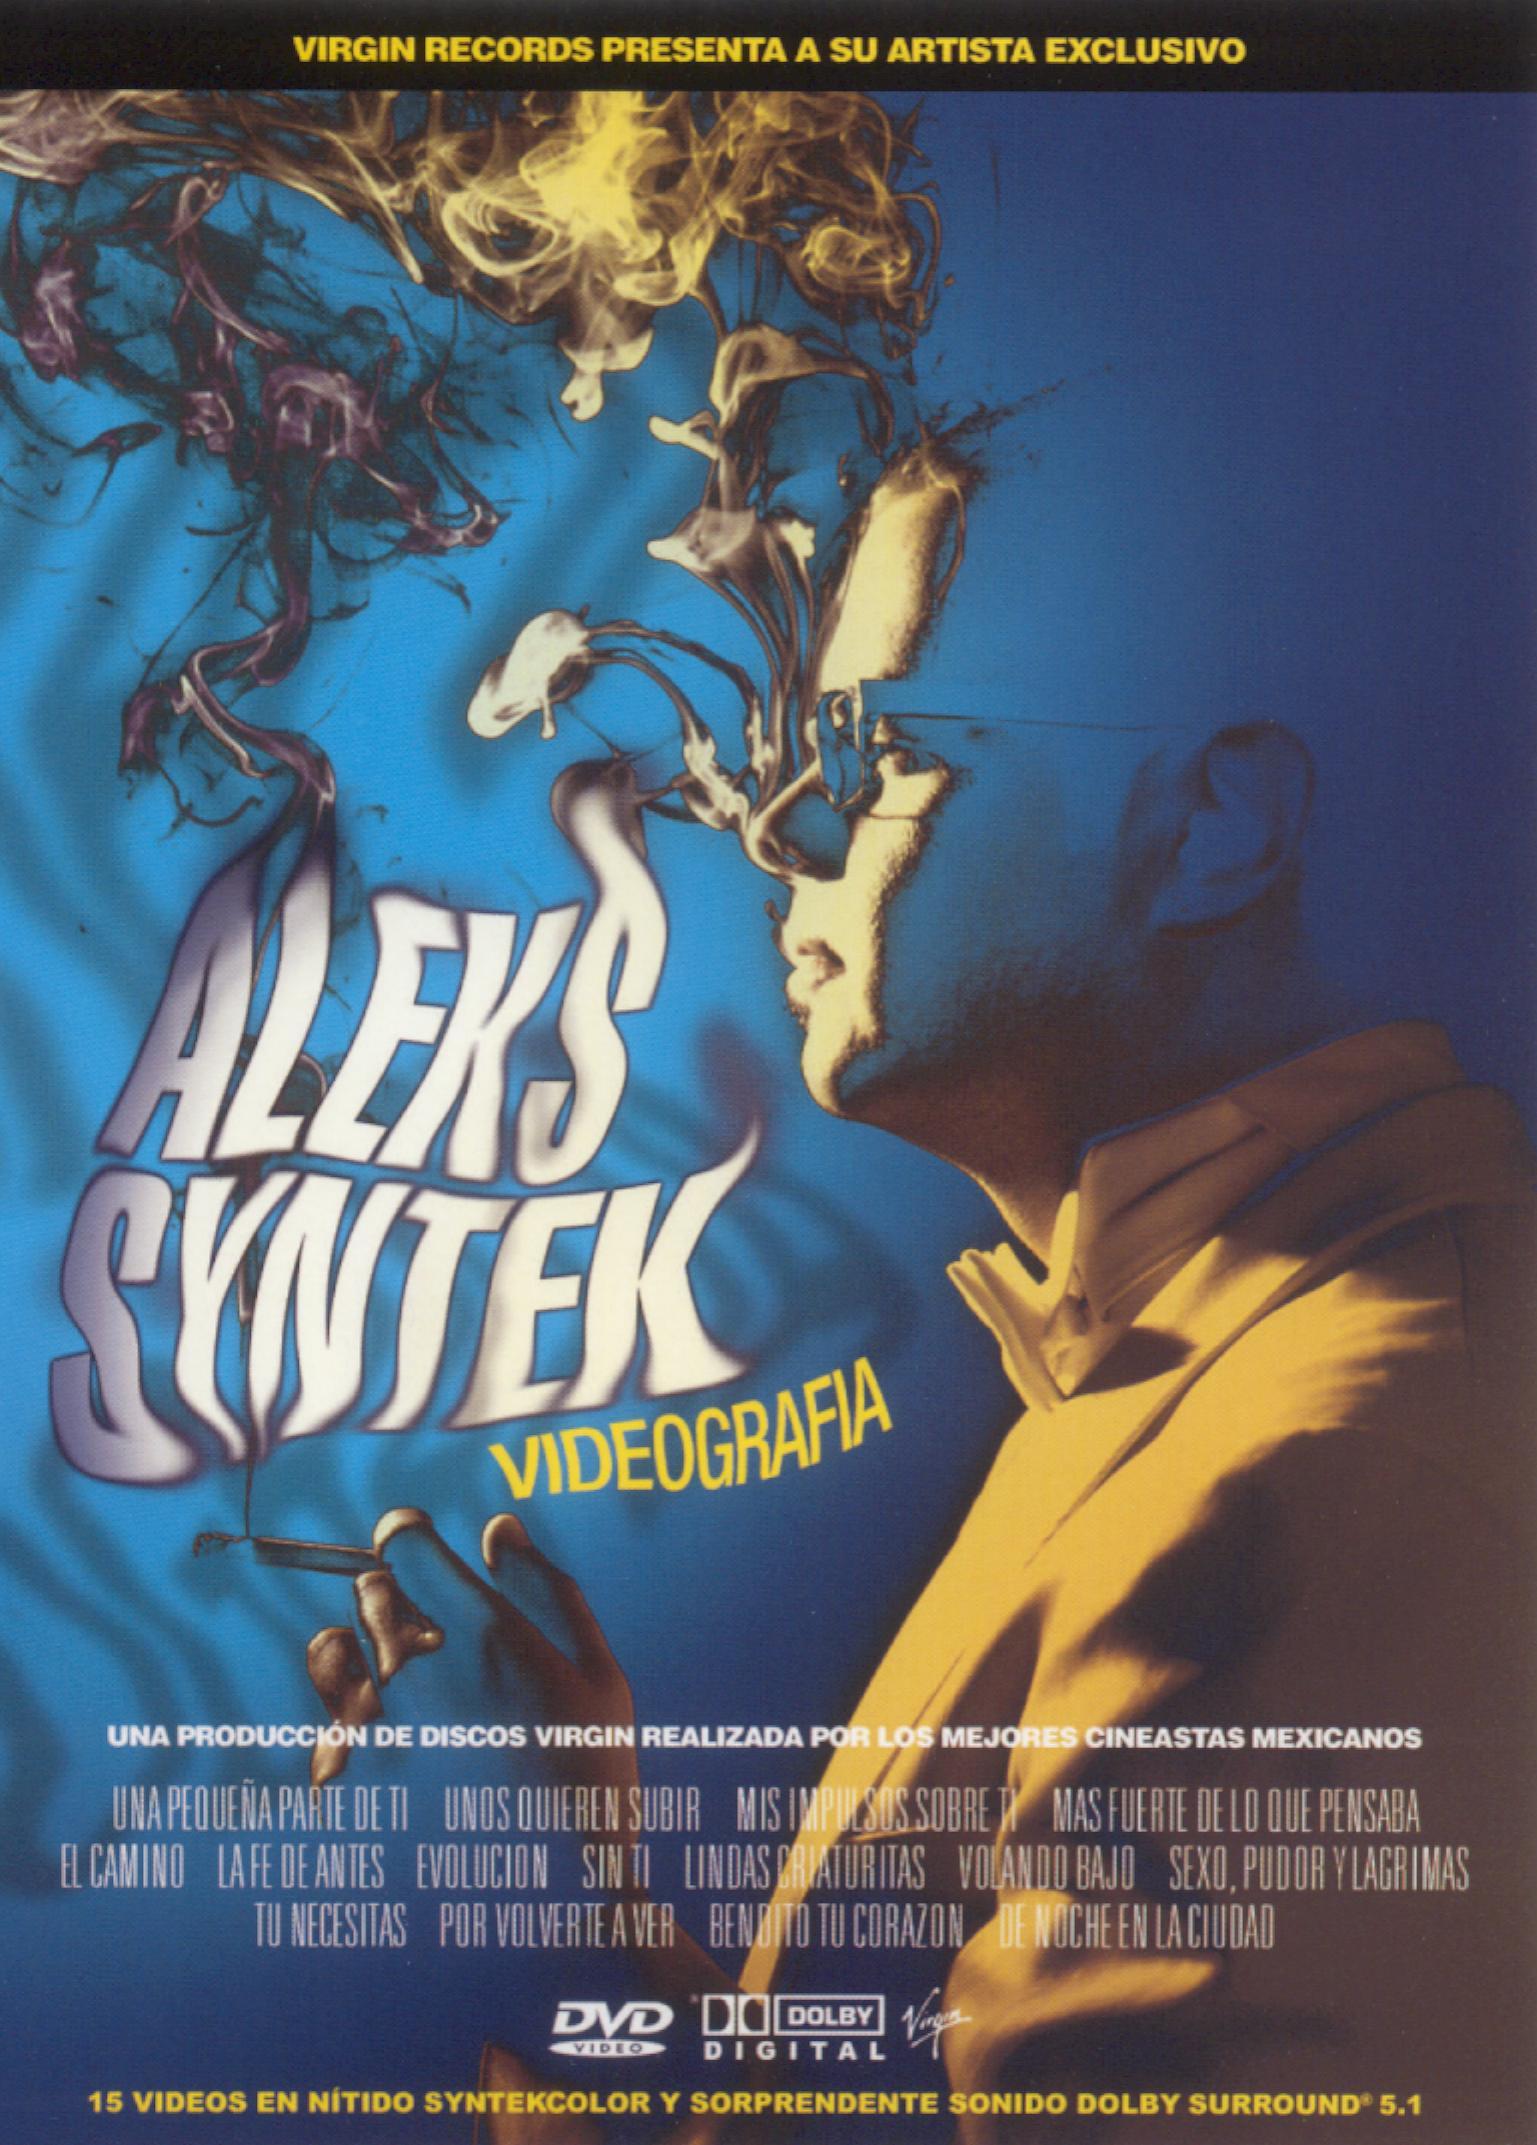 Aleks Syntek: Videografia